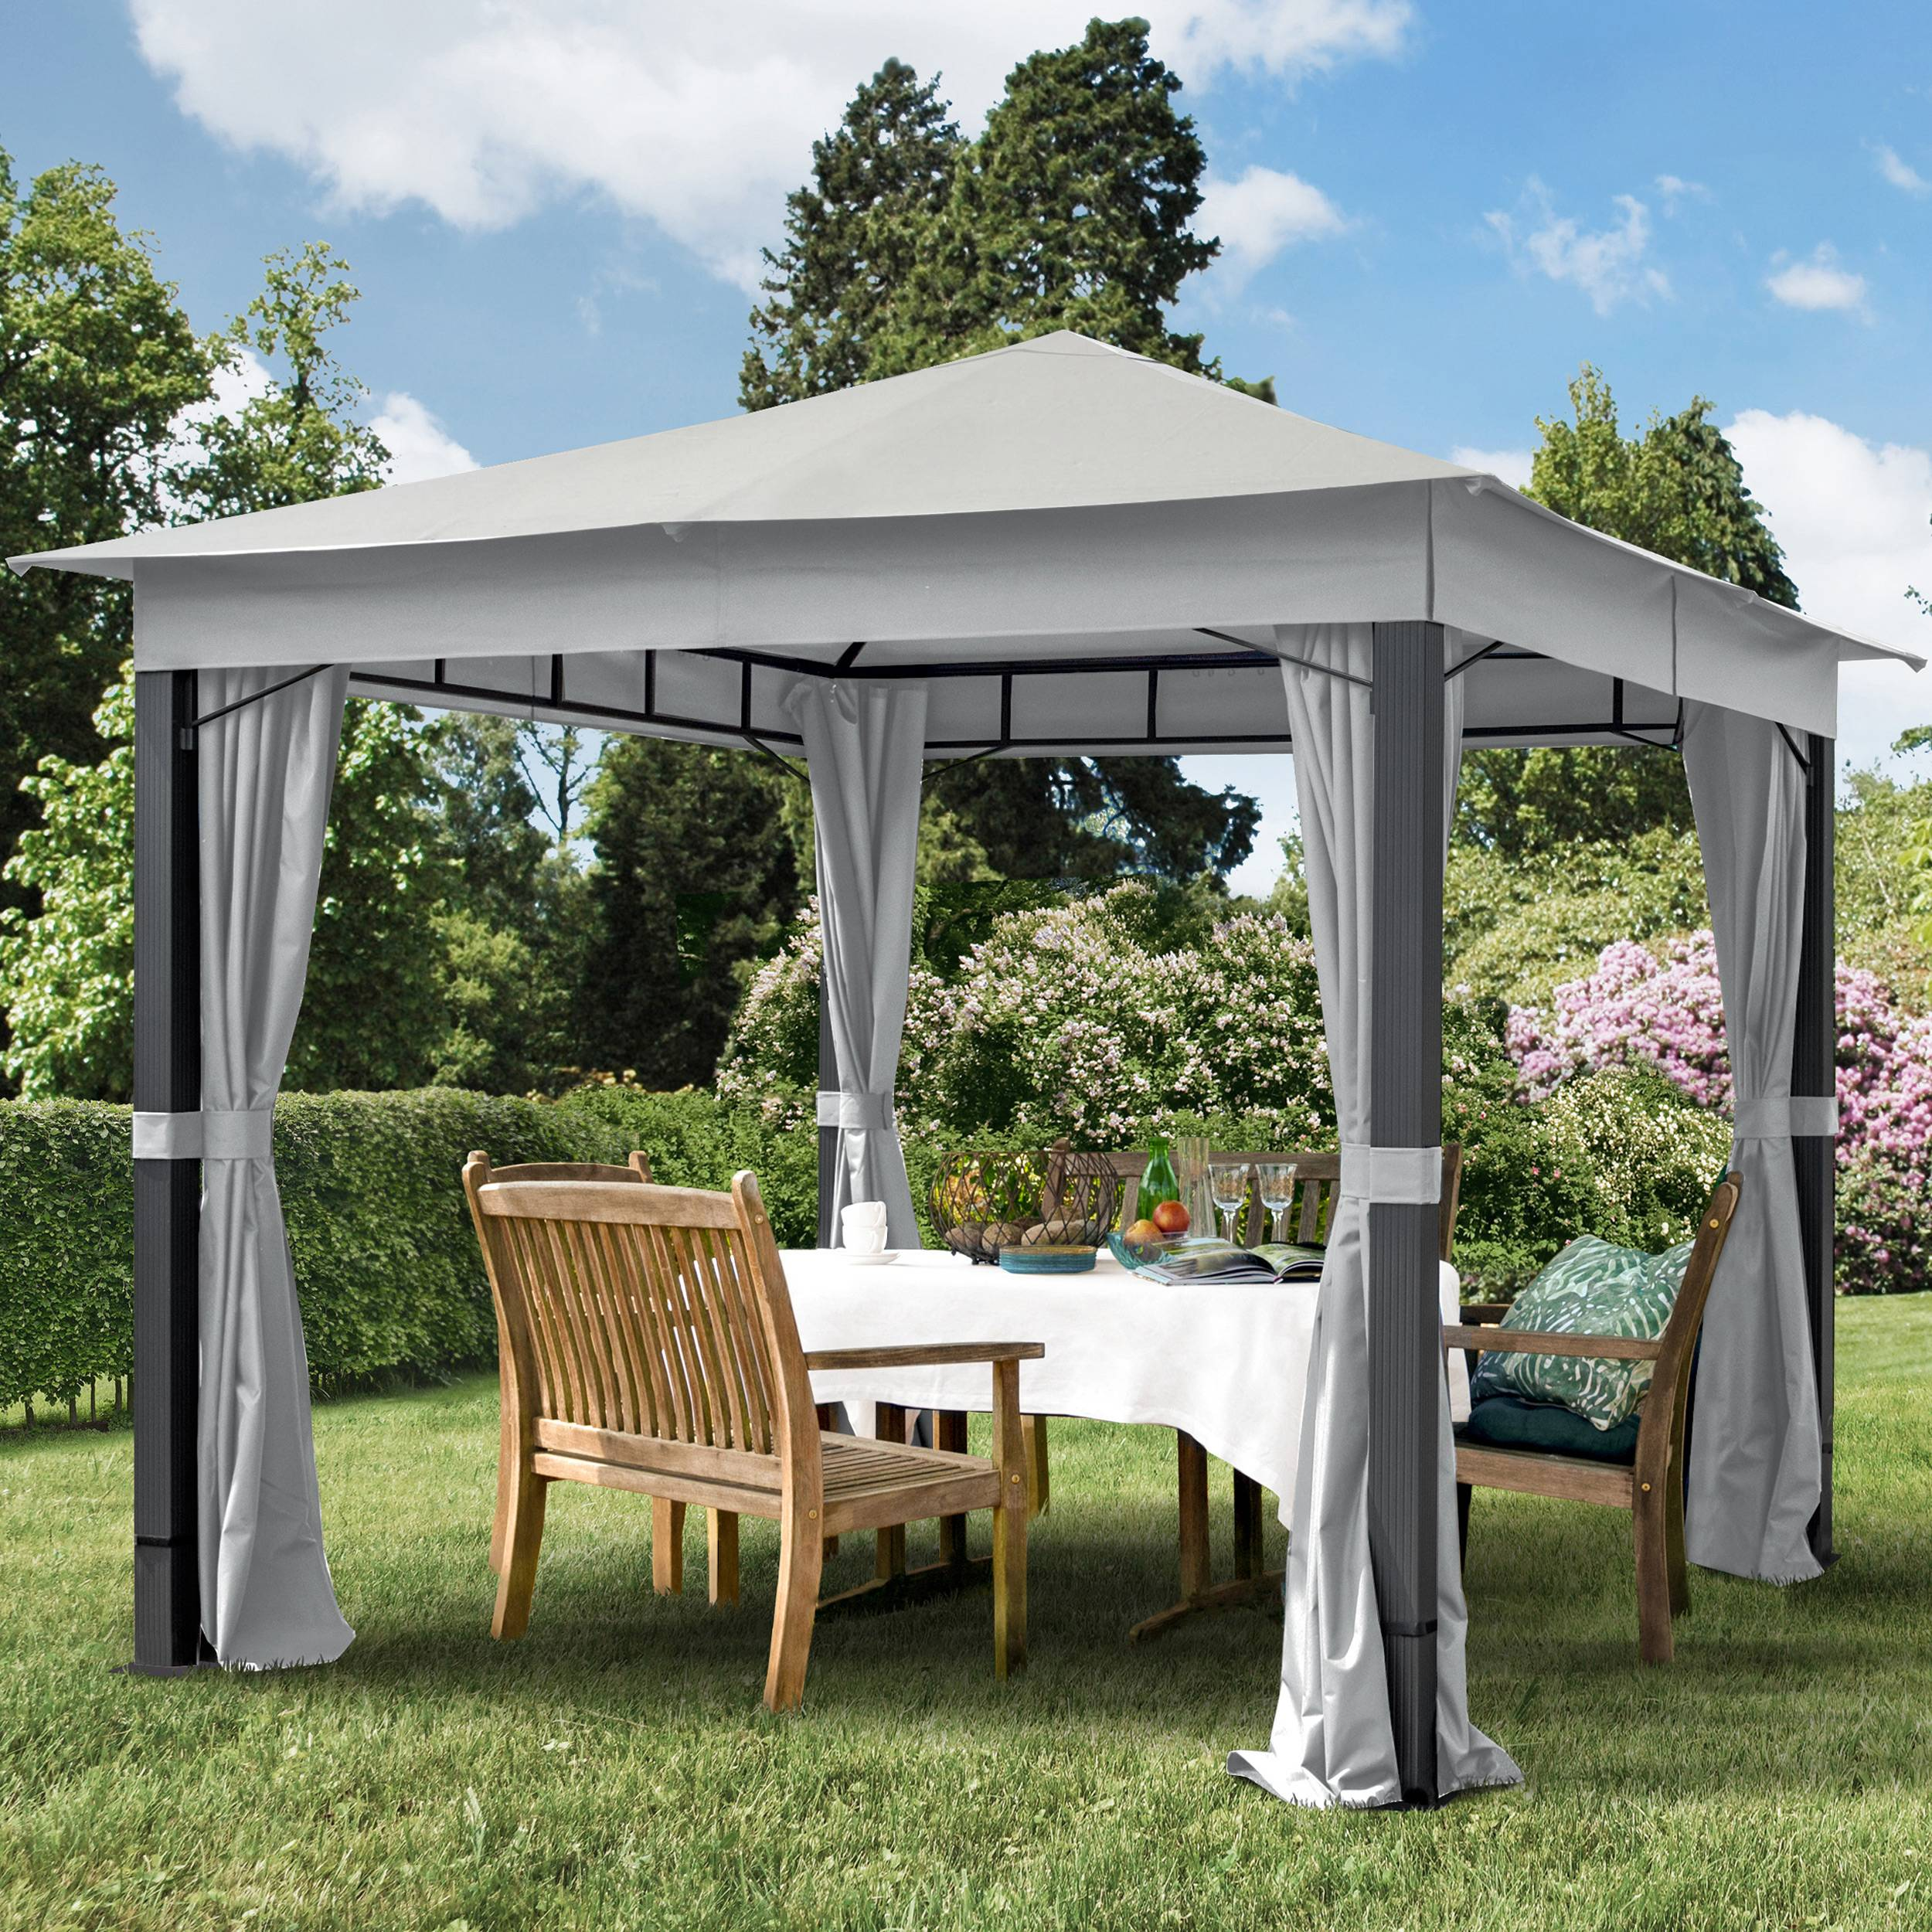 toolport gazebo da giardino 3x3m poliestere con rivestimento in pu 220 g/m² grigio impermeabile